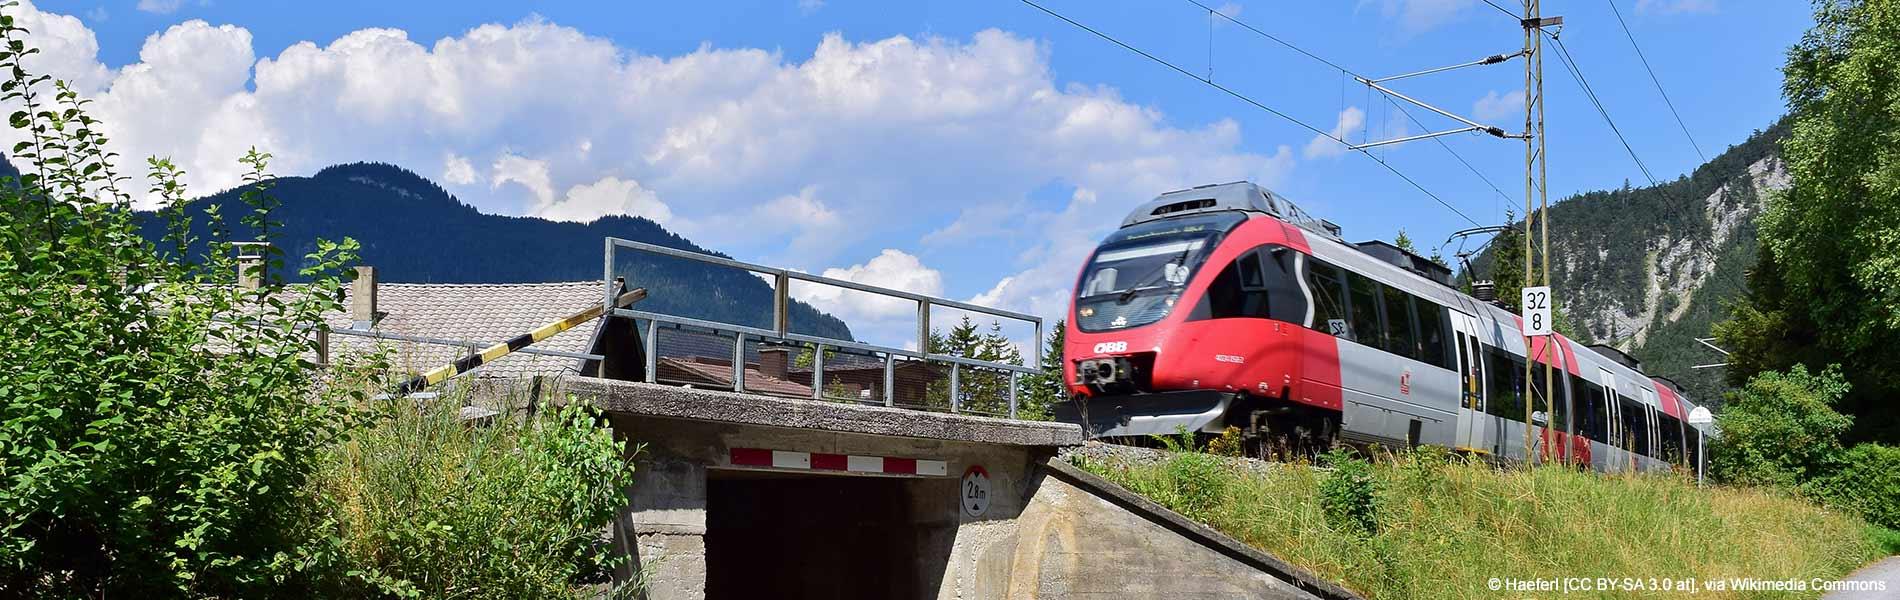 Streckenführung der Mittenwaldbahn